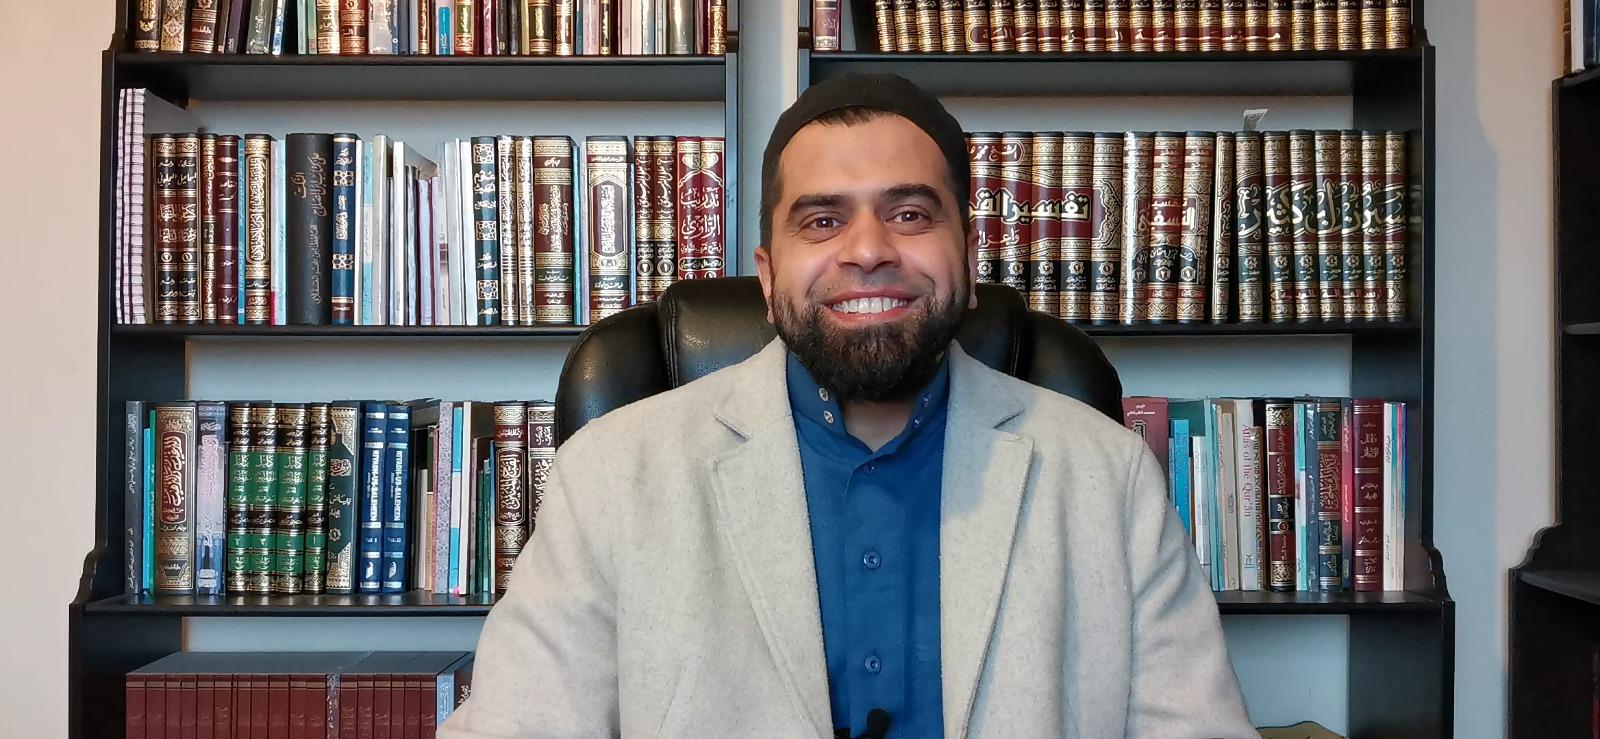 A photo of Shaykh Noorud-deen Rashid